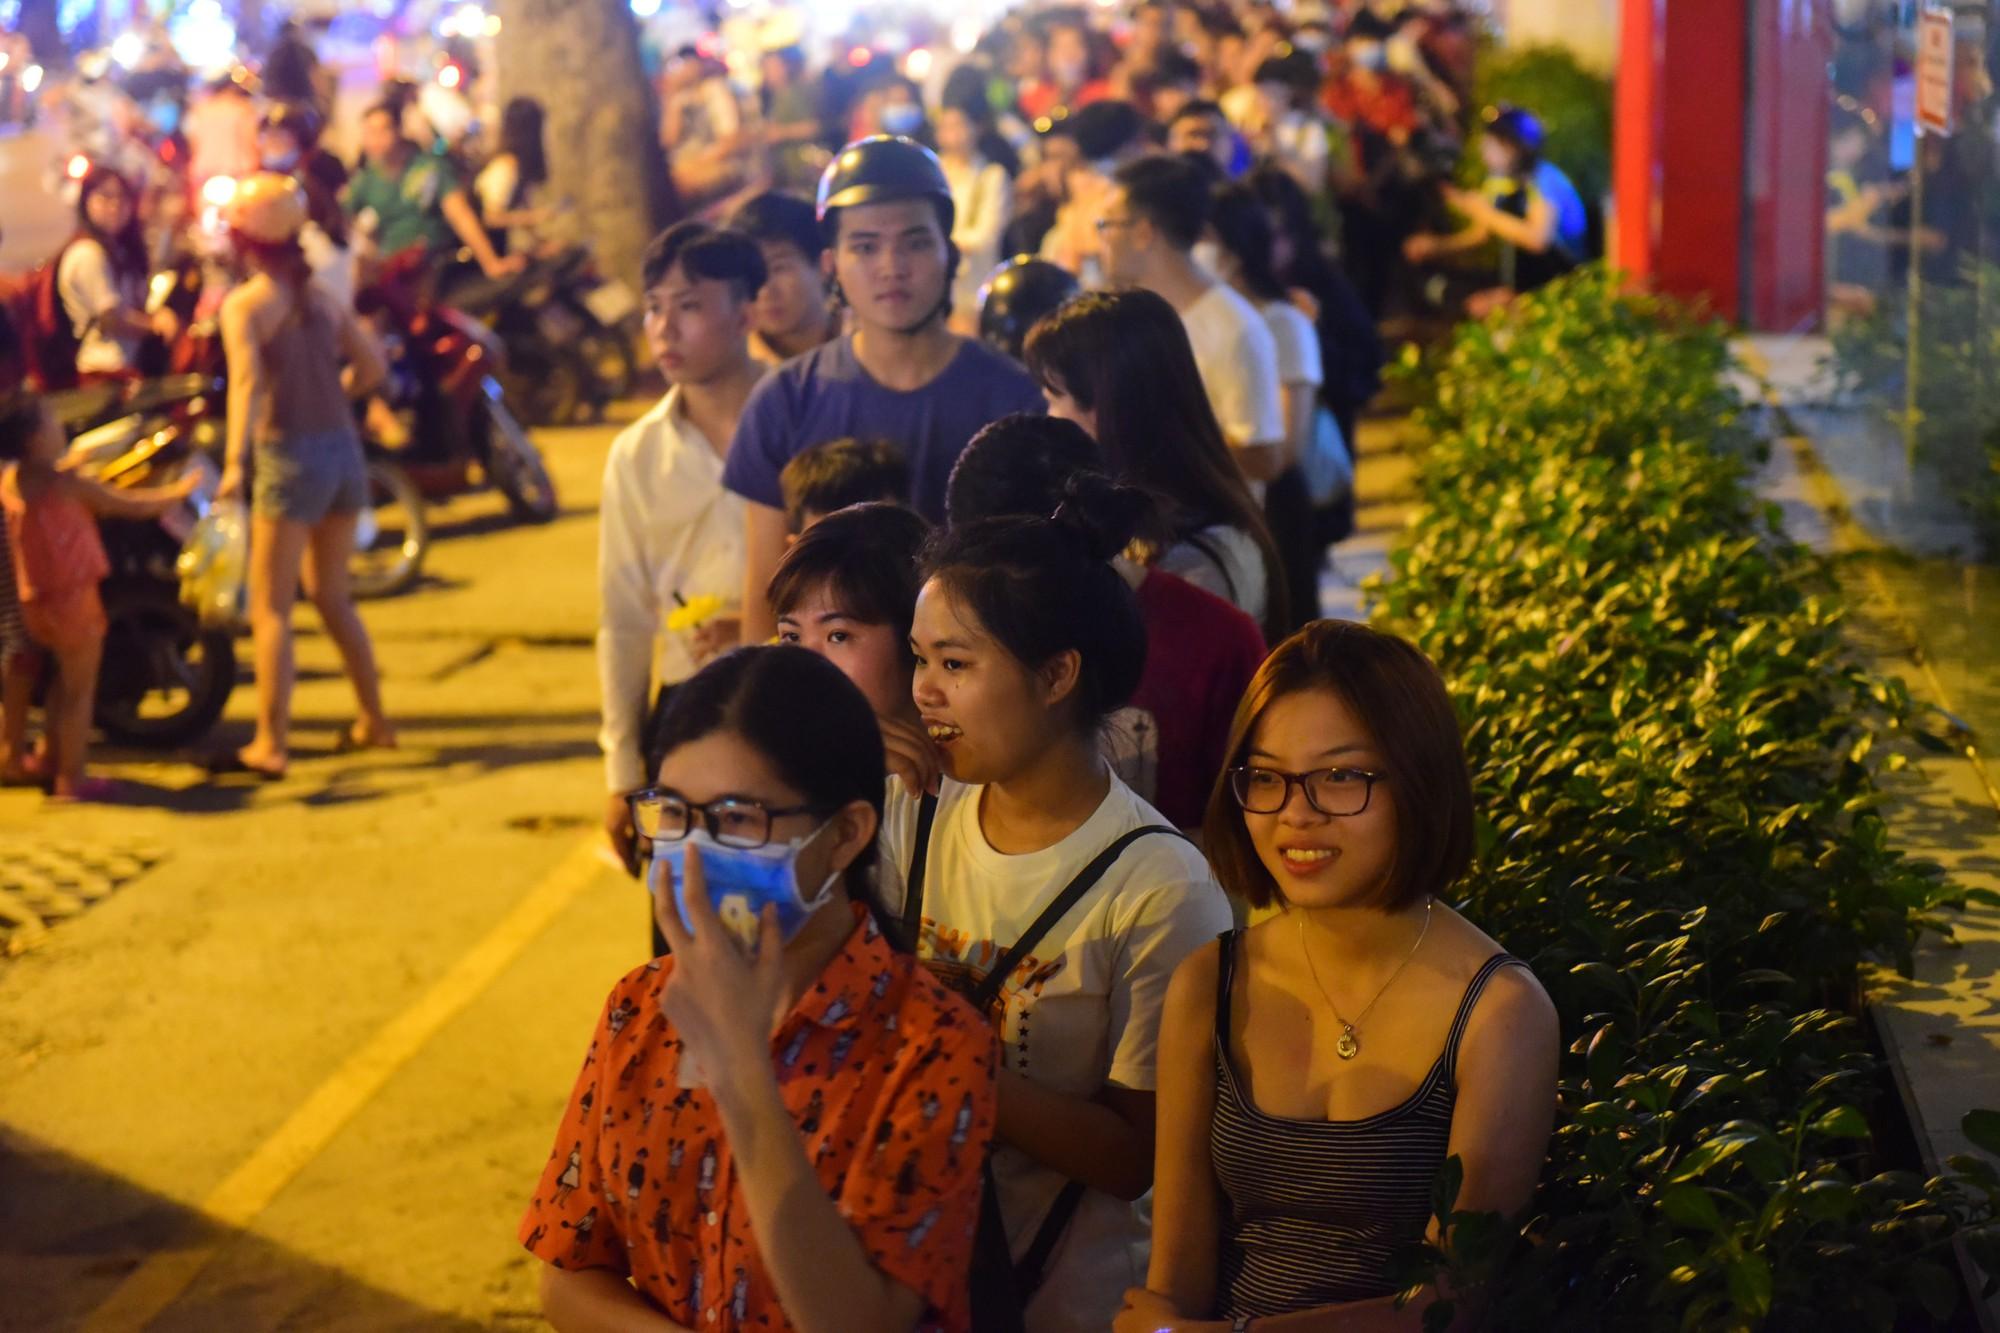 Người Sài Gòn xếp hàng kín vỉa hè chờ mua sữa tươi trân châu đường đen - Ảnh 4.